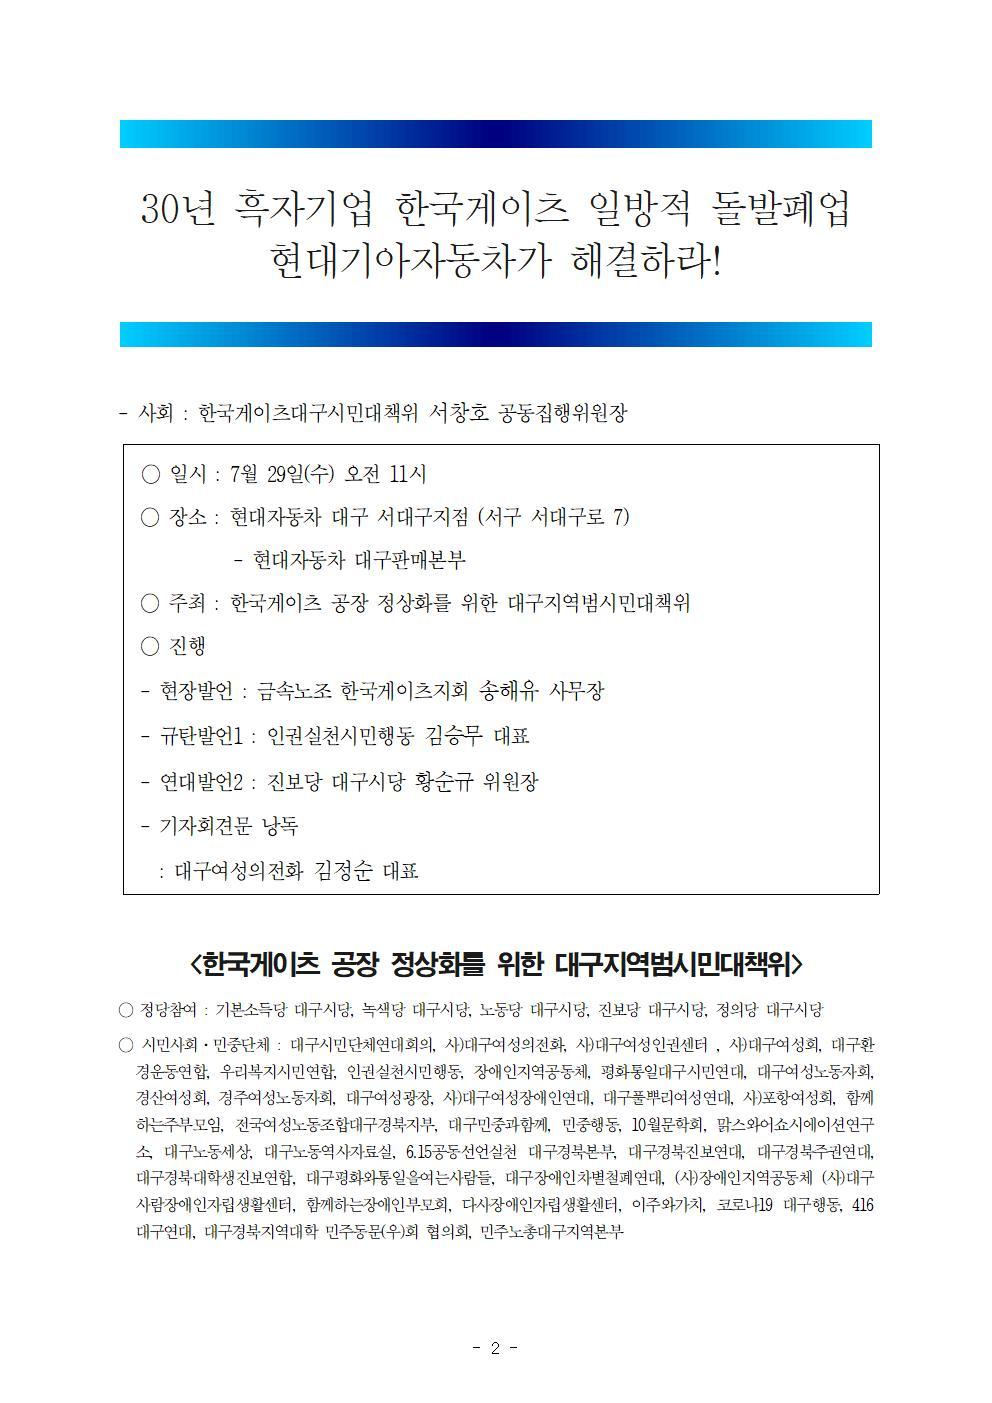 0729 한국게이츠 돌발폐업 현대기아자동차가 해결하라 기자회견002.jpg